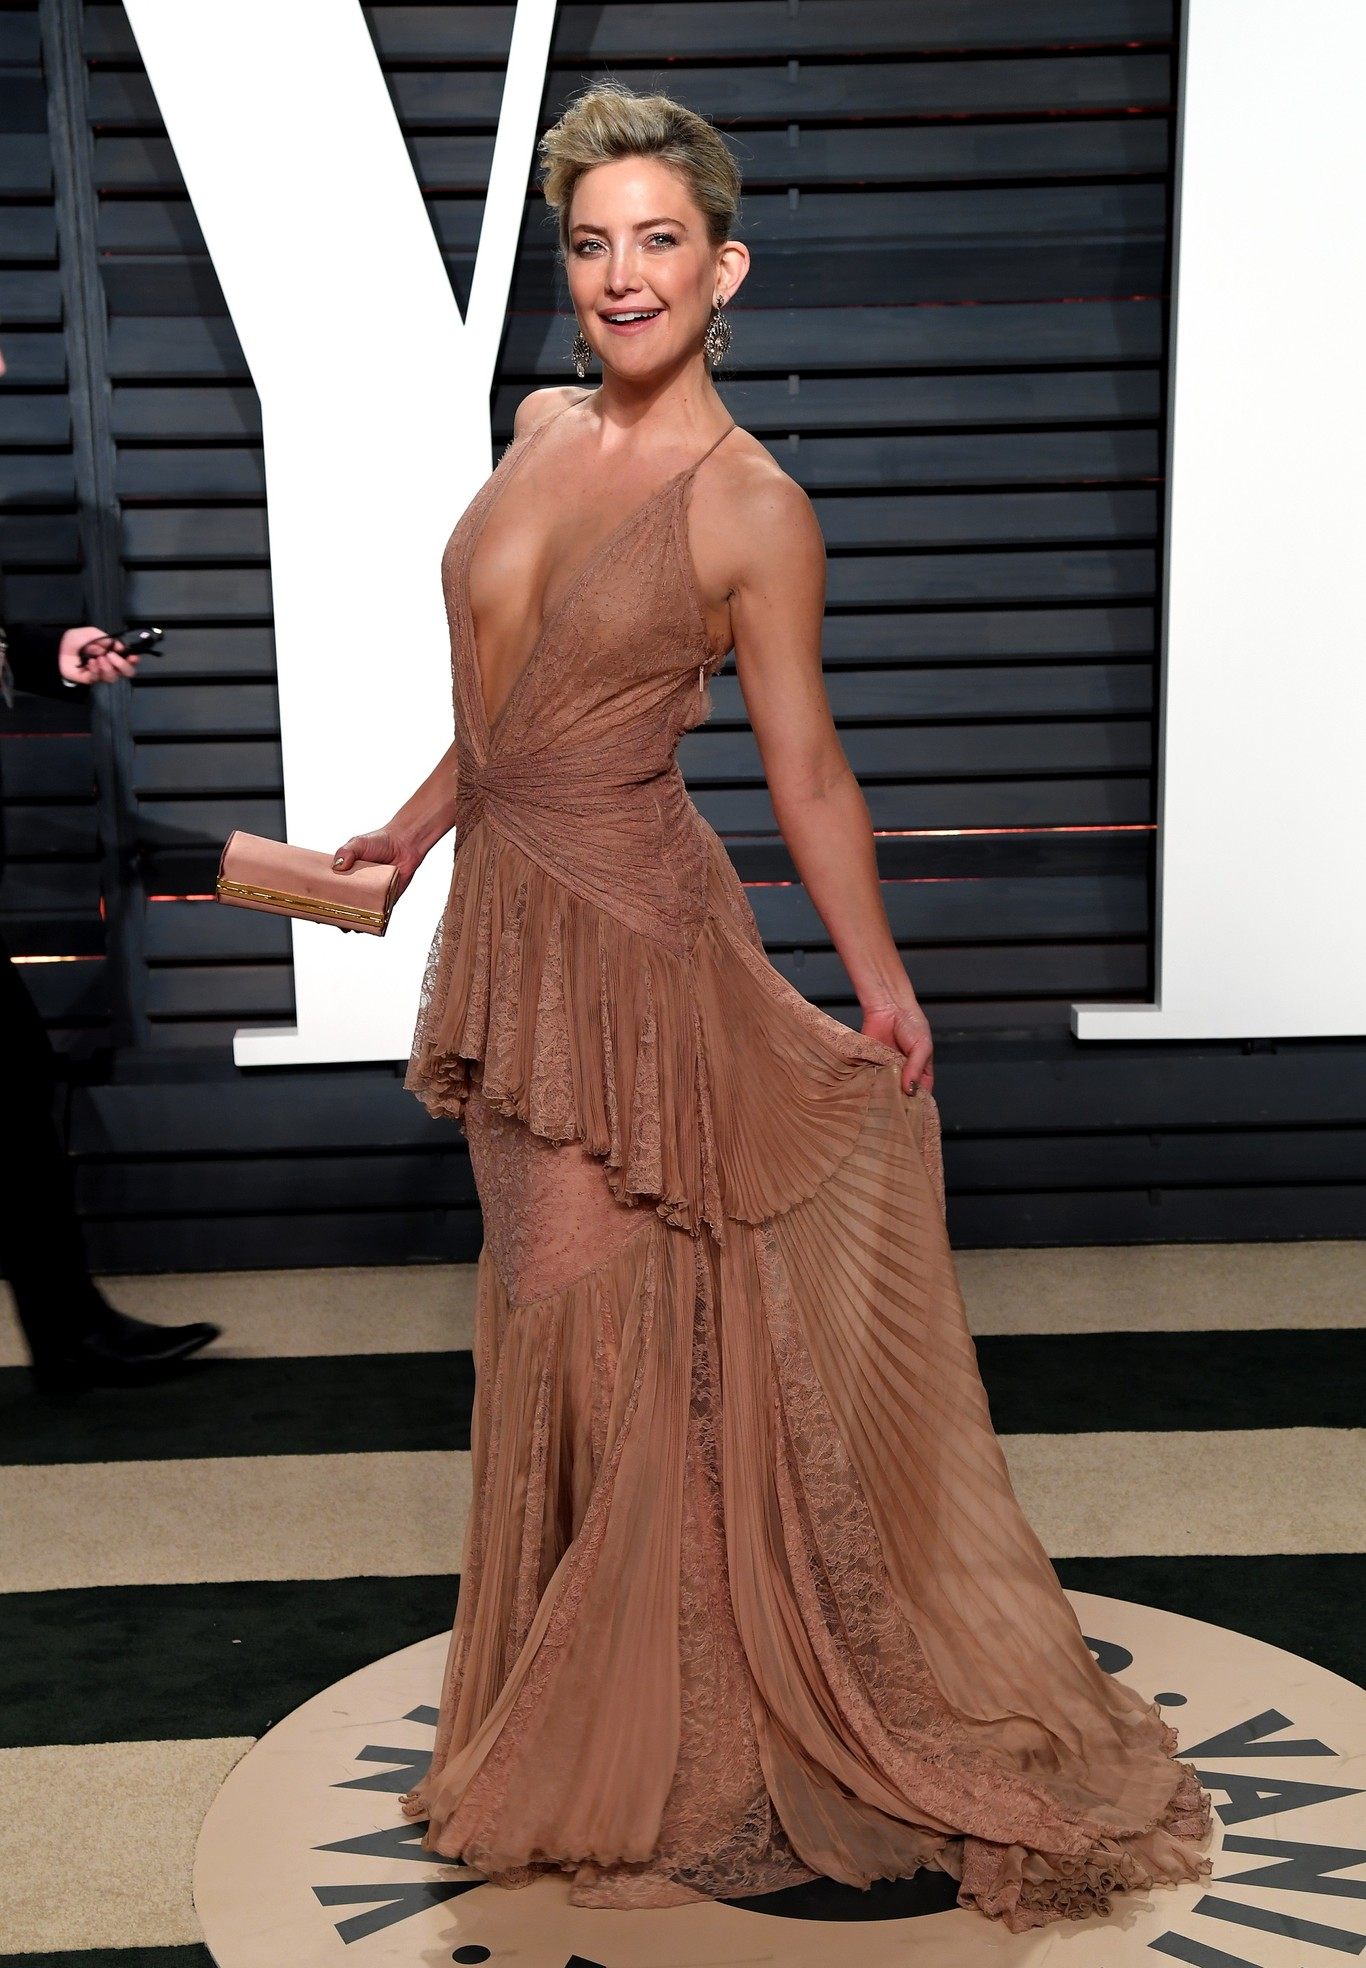 Kate Hudson Roberto Cavalli estélyiben. Idegesítő ez a nő, de a ruhája telitalálat.